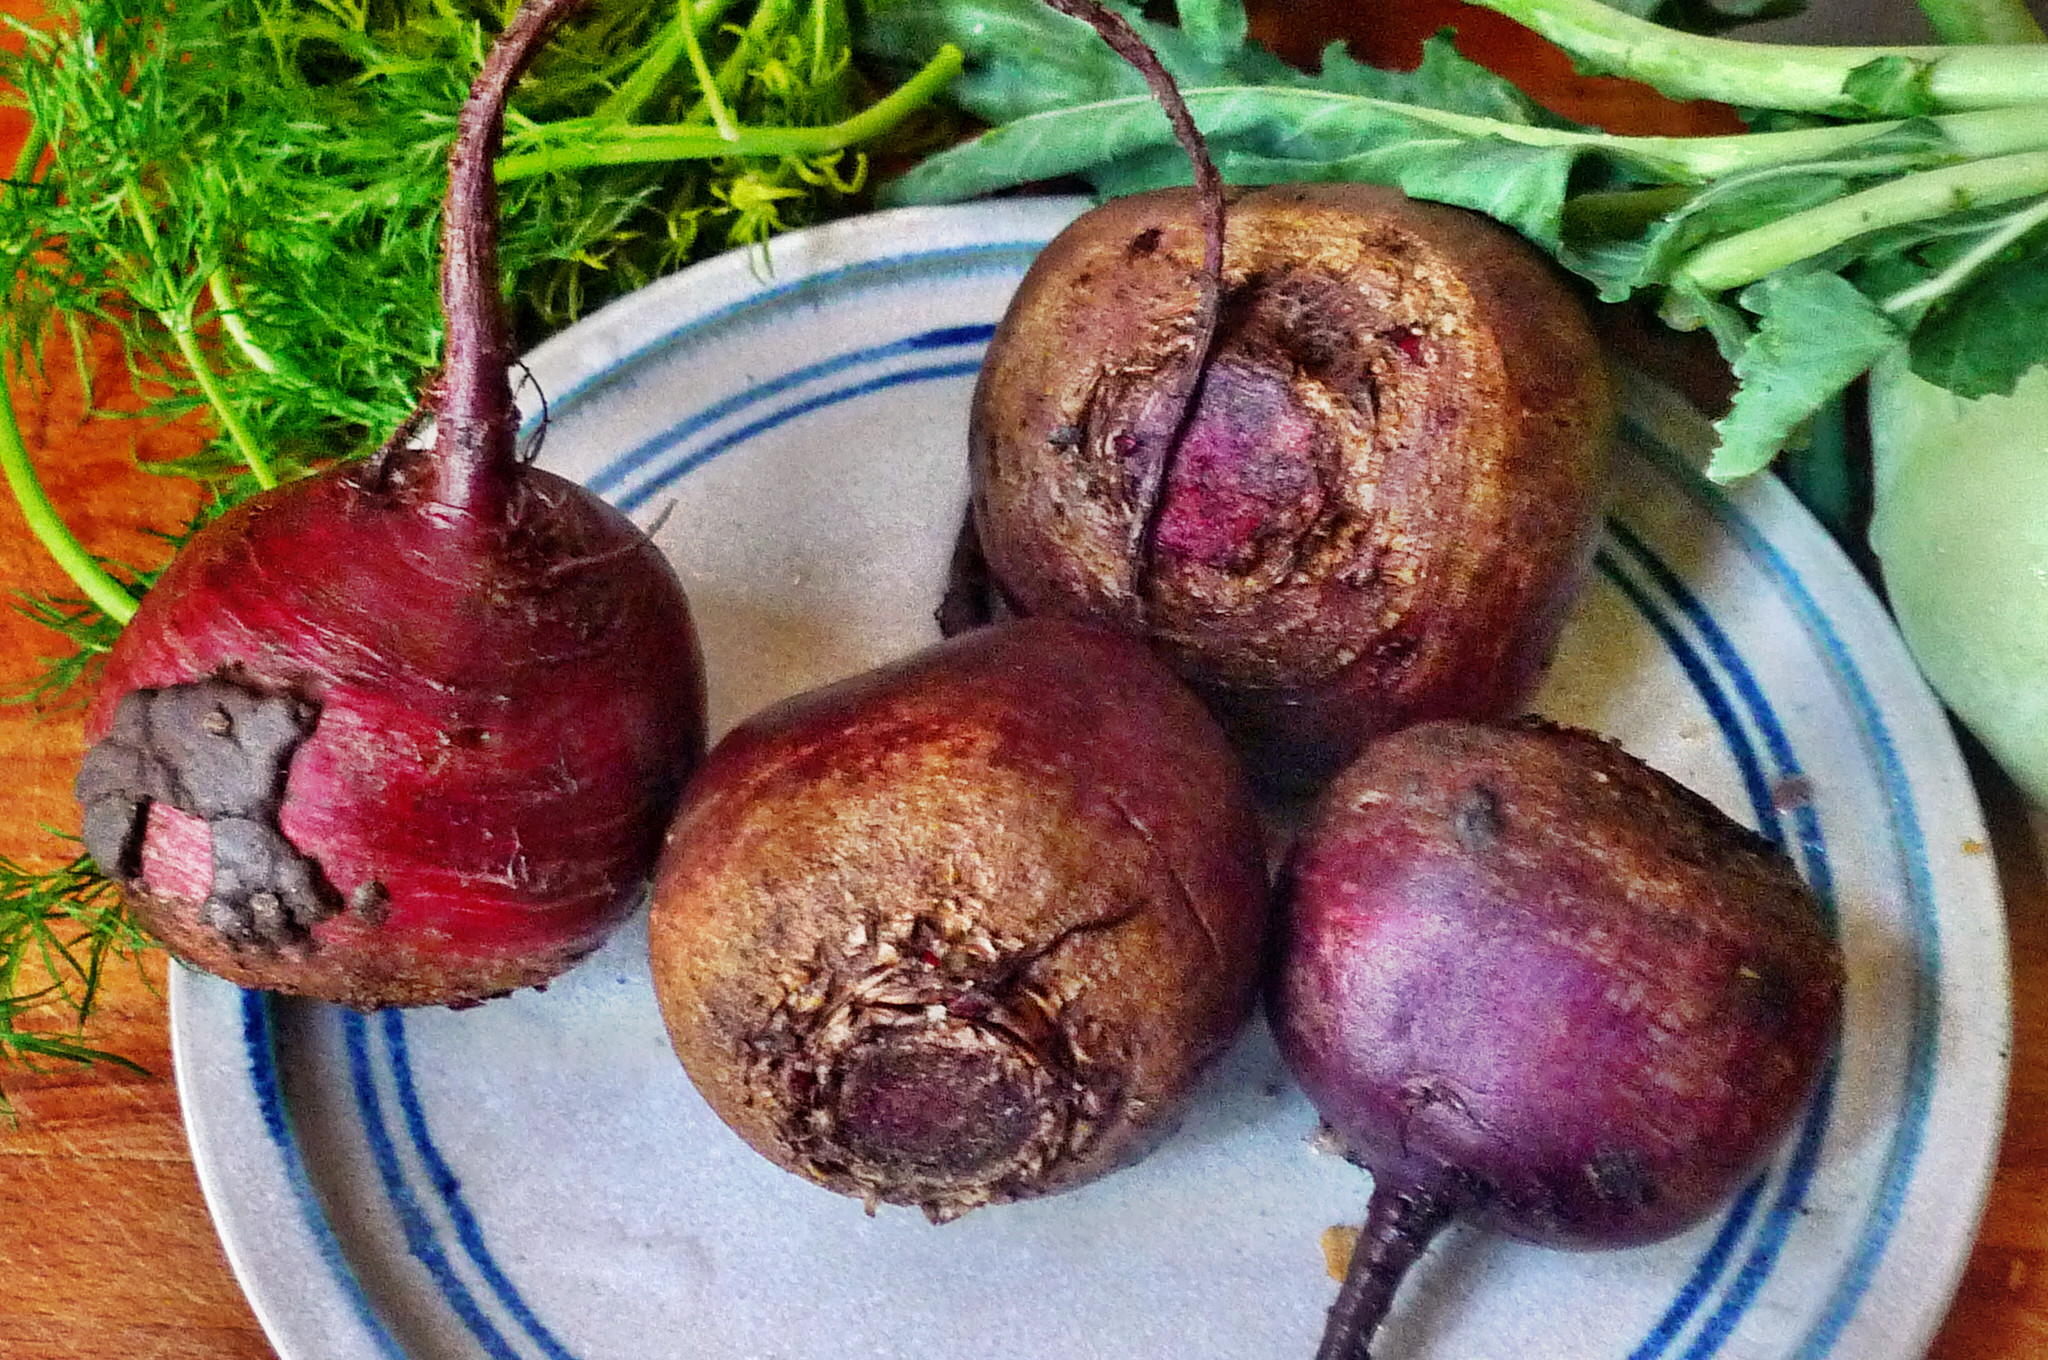 Rote betegemüse,gebratener Reis,Joghurtdip,Kohlrabisalat - 27.3.15   (2)